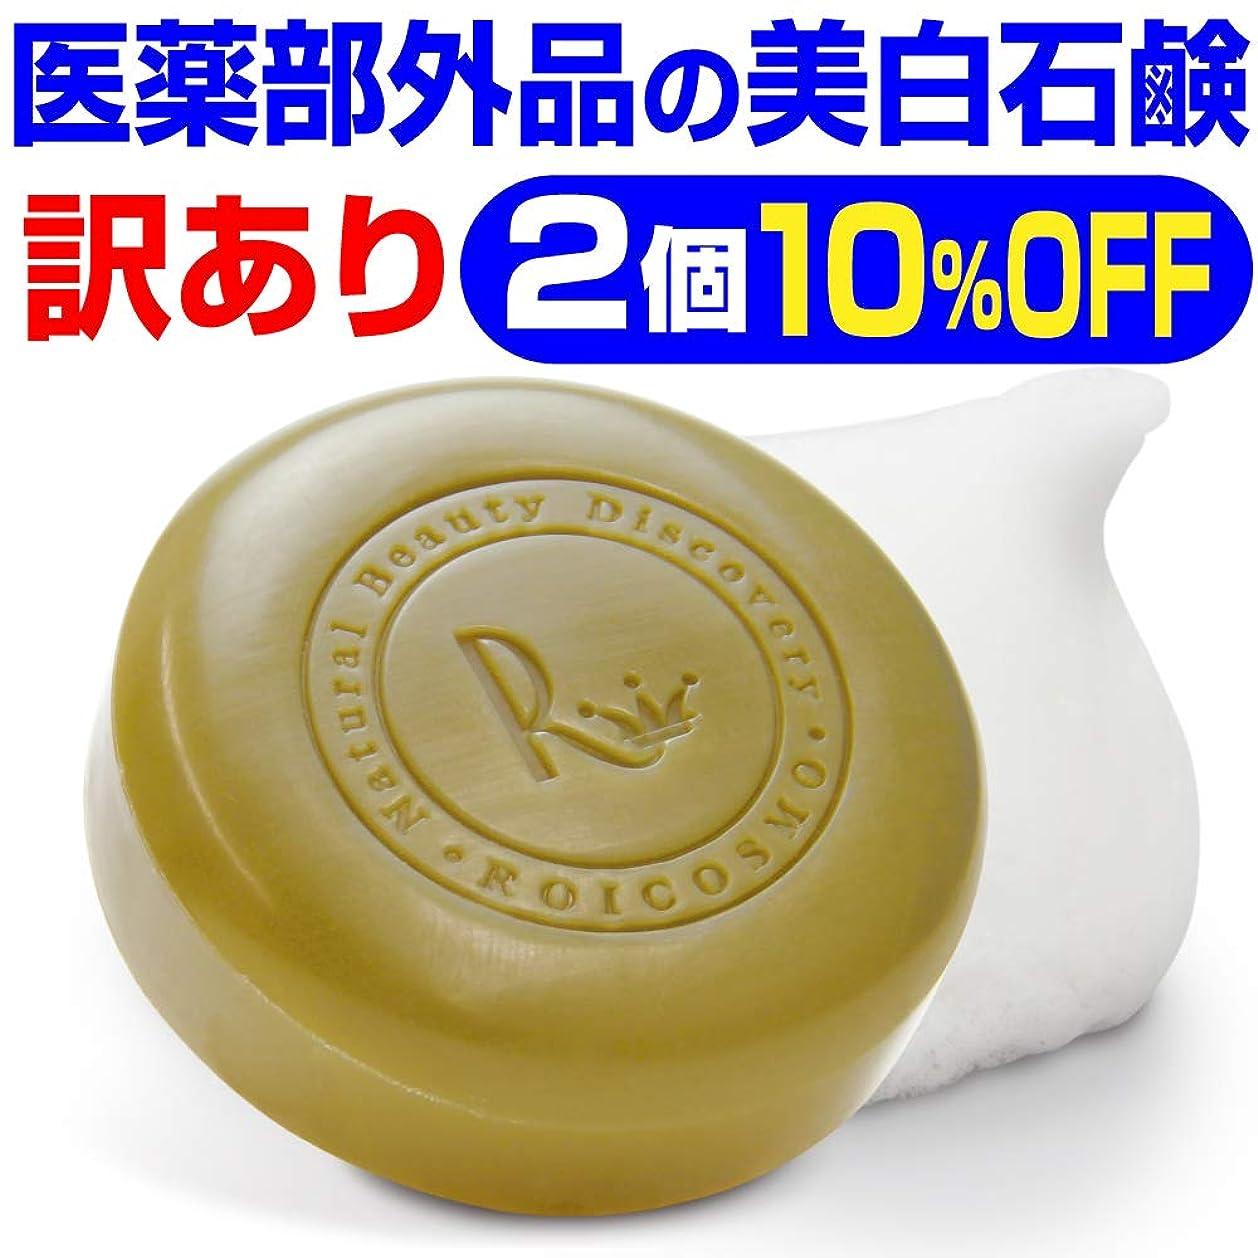 シソーラスラケット目を覚ます訳あり10%OFF(1個2,143円)売切れ御免 ビタミンC270倍の美白成分の 洗顔石鹸『ホワイトソープ100g×2個』